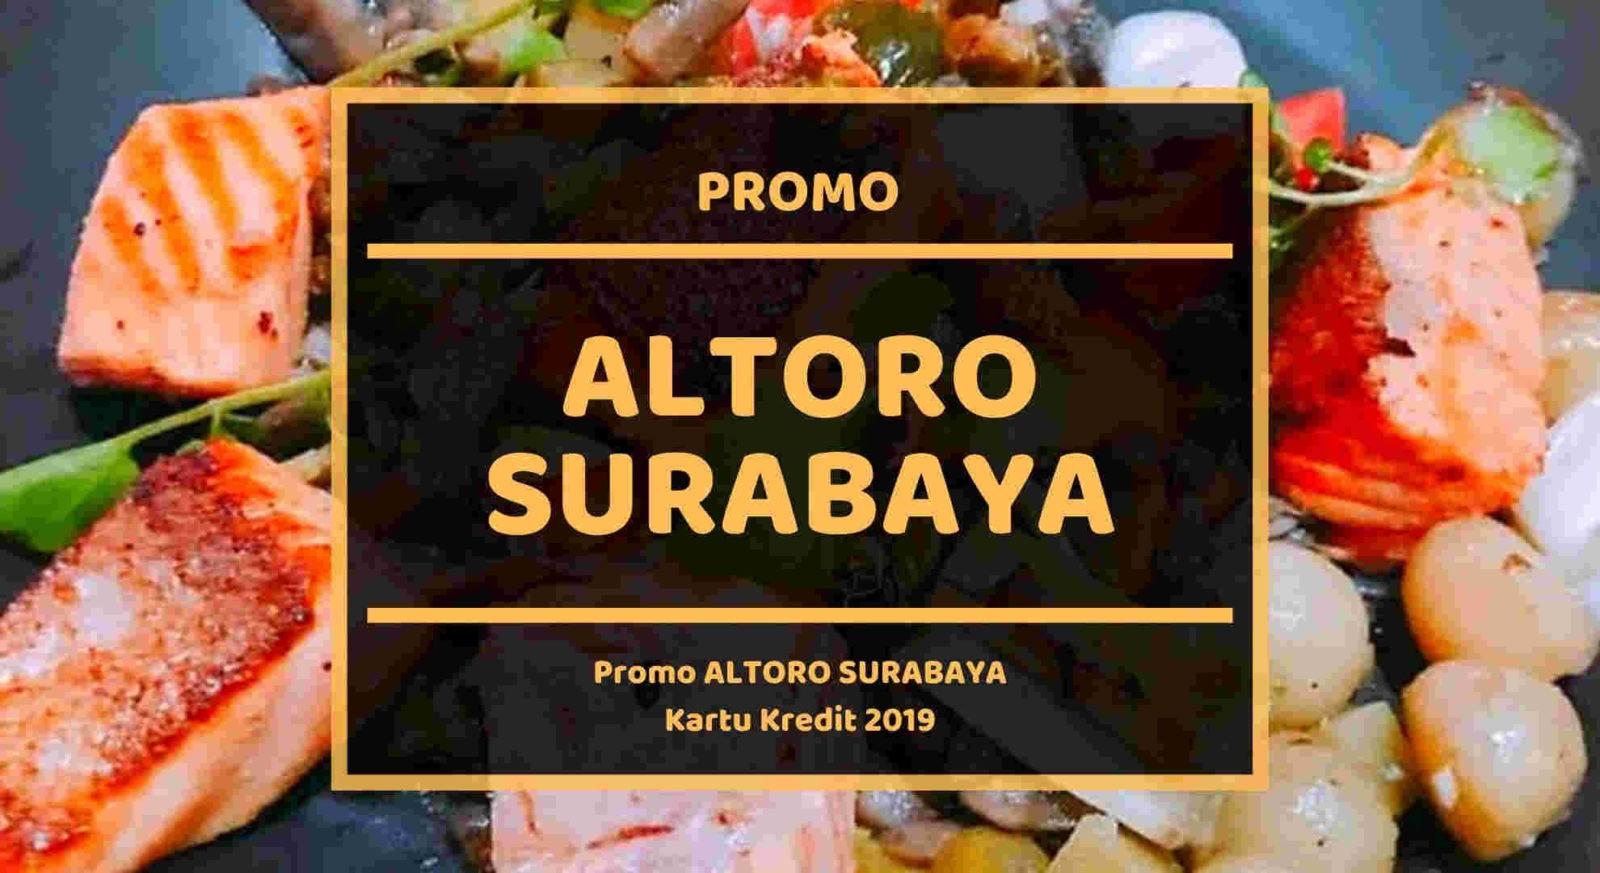 Promo ALTORO Surabaya Kartu Kredit Diskon 15% - TravelsPromo